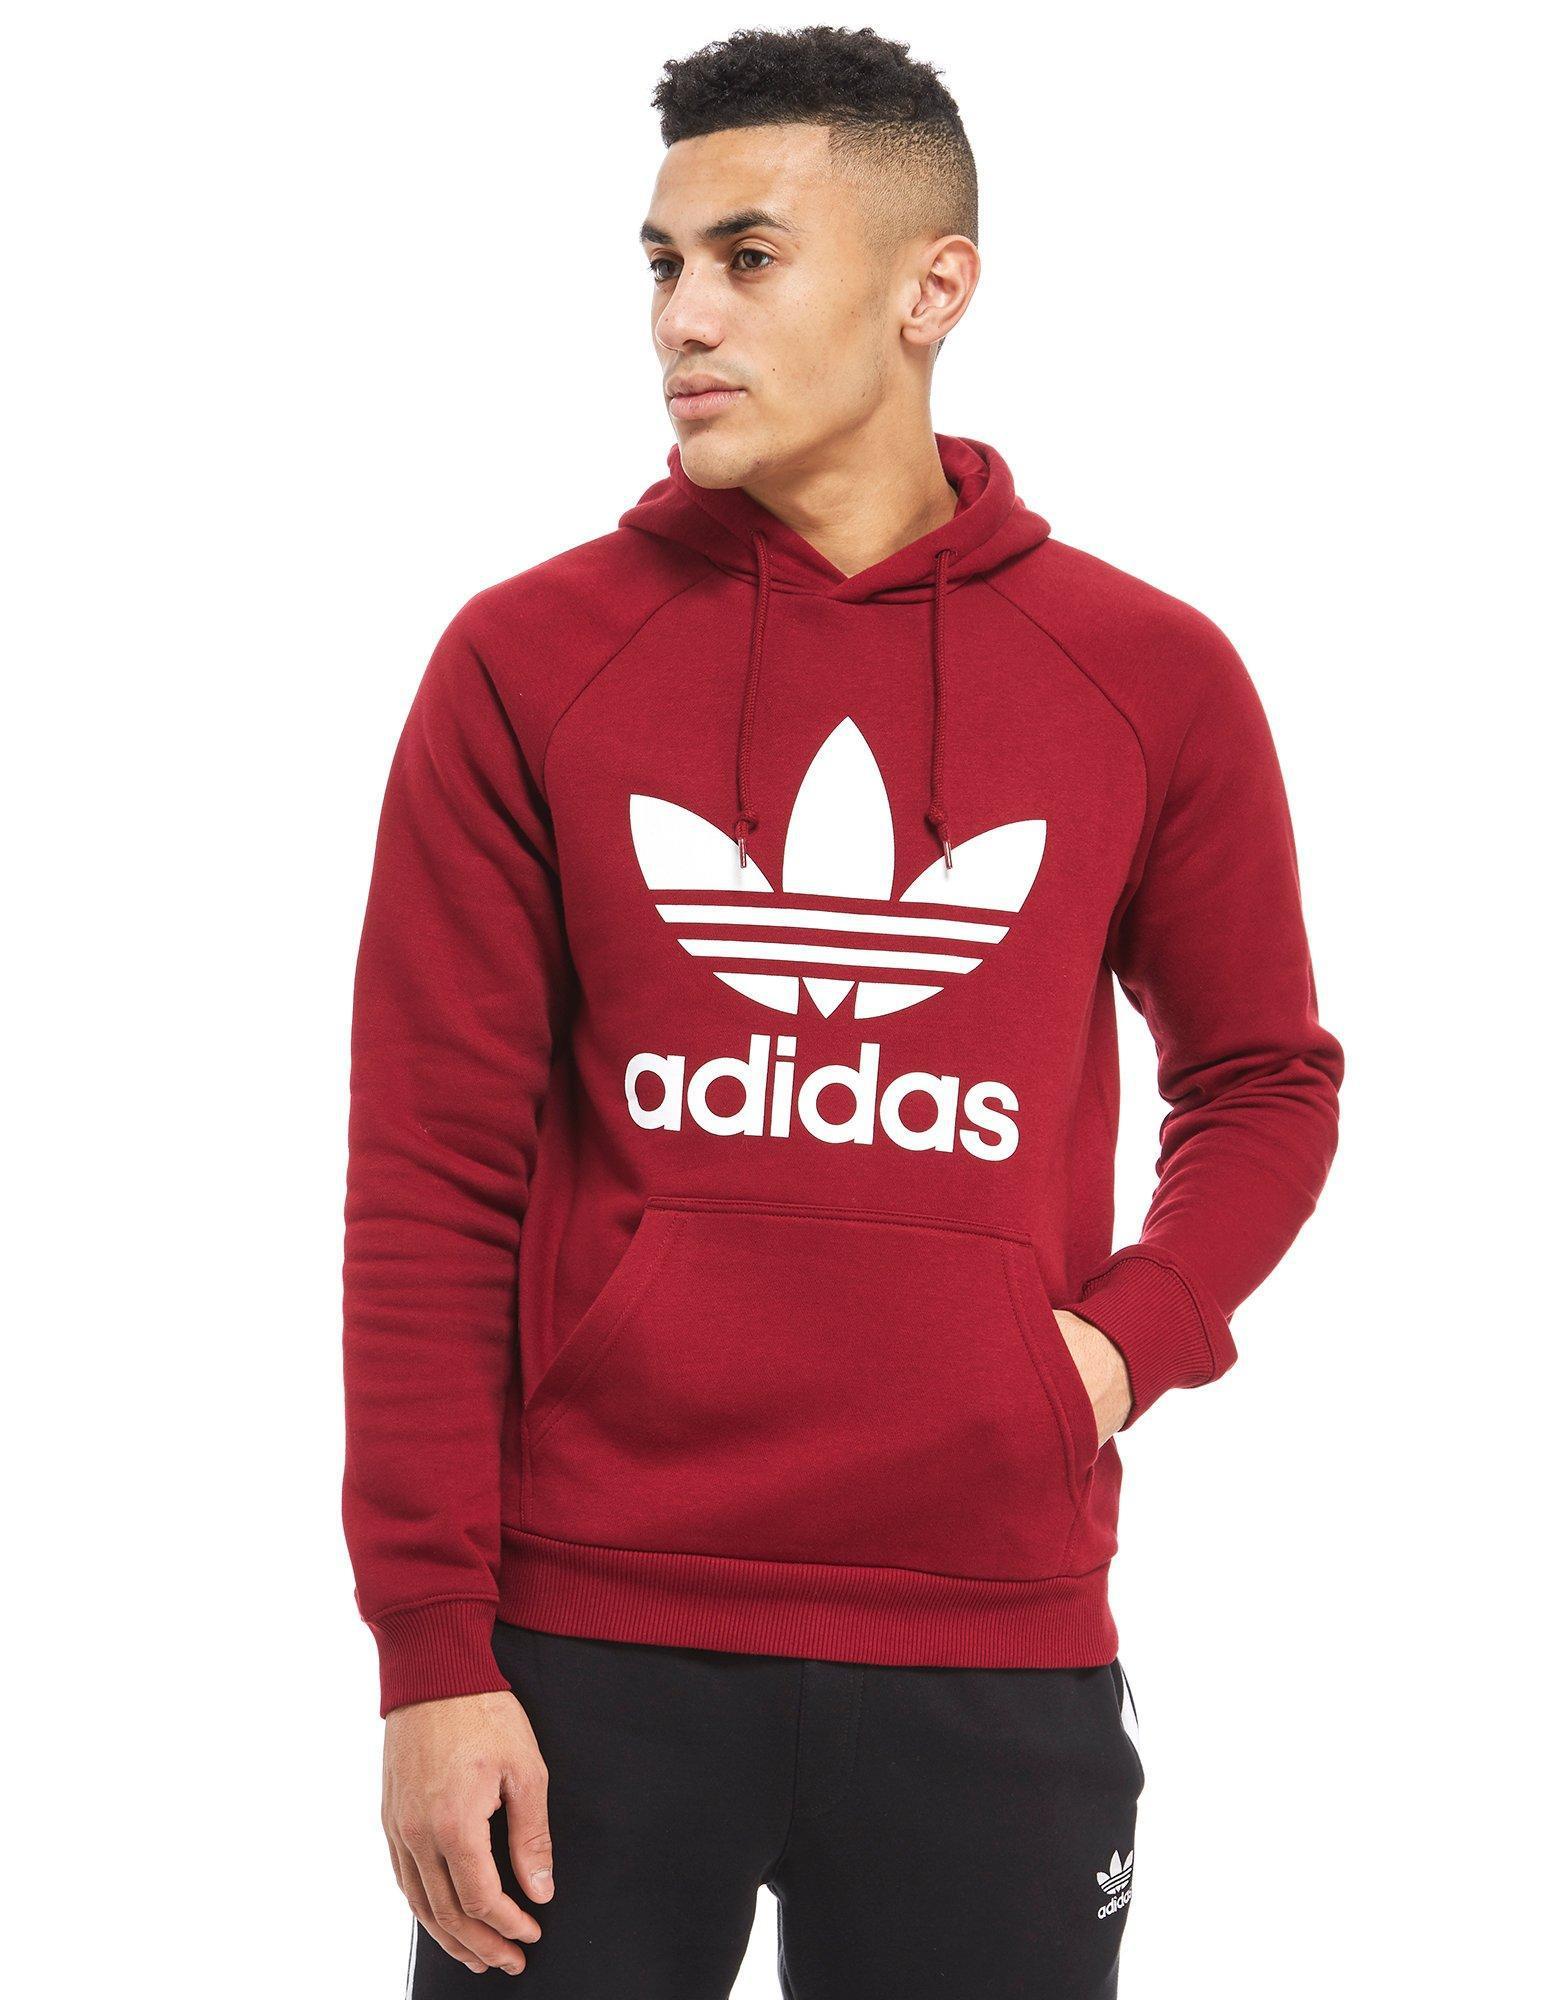 Adidas trefoil hoodie mens